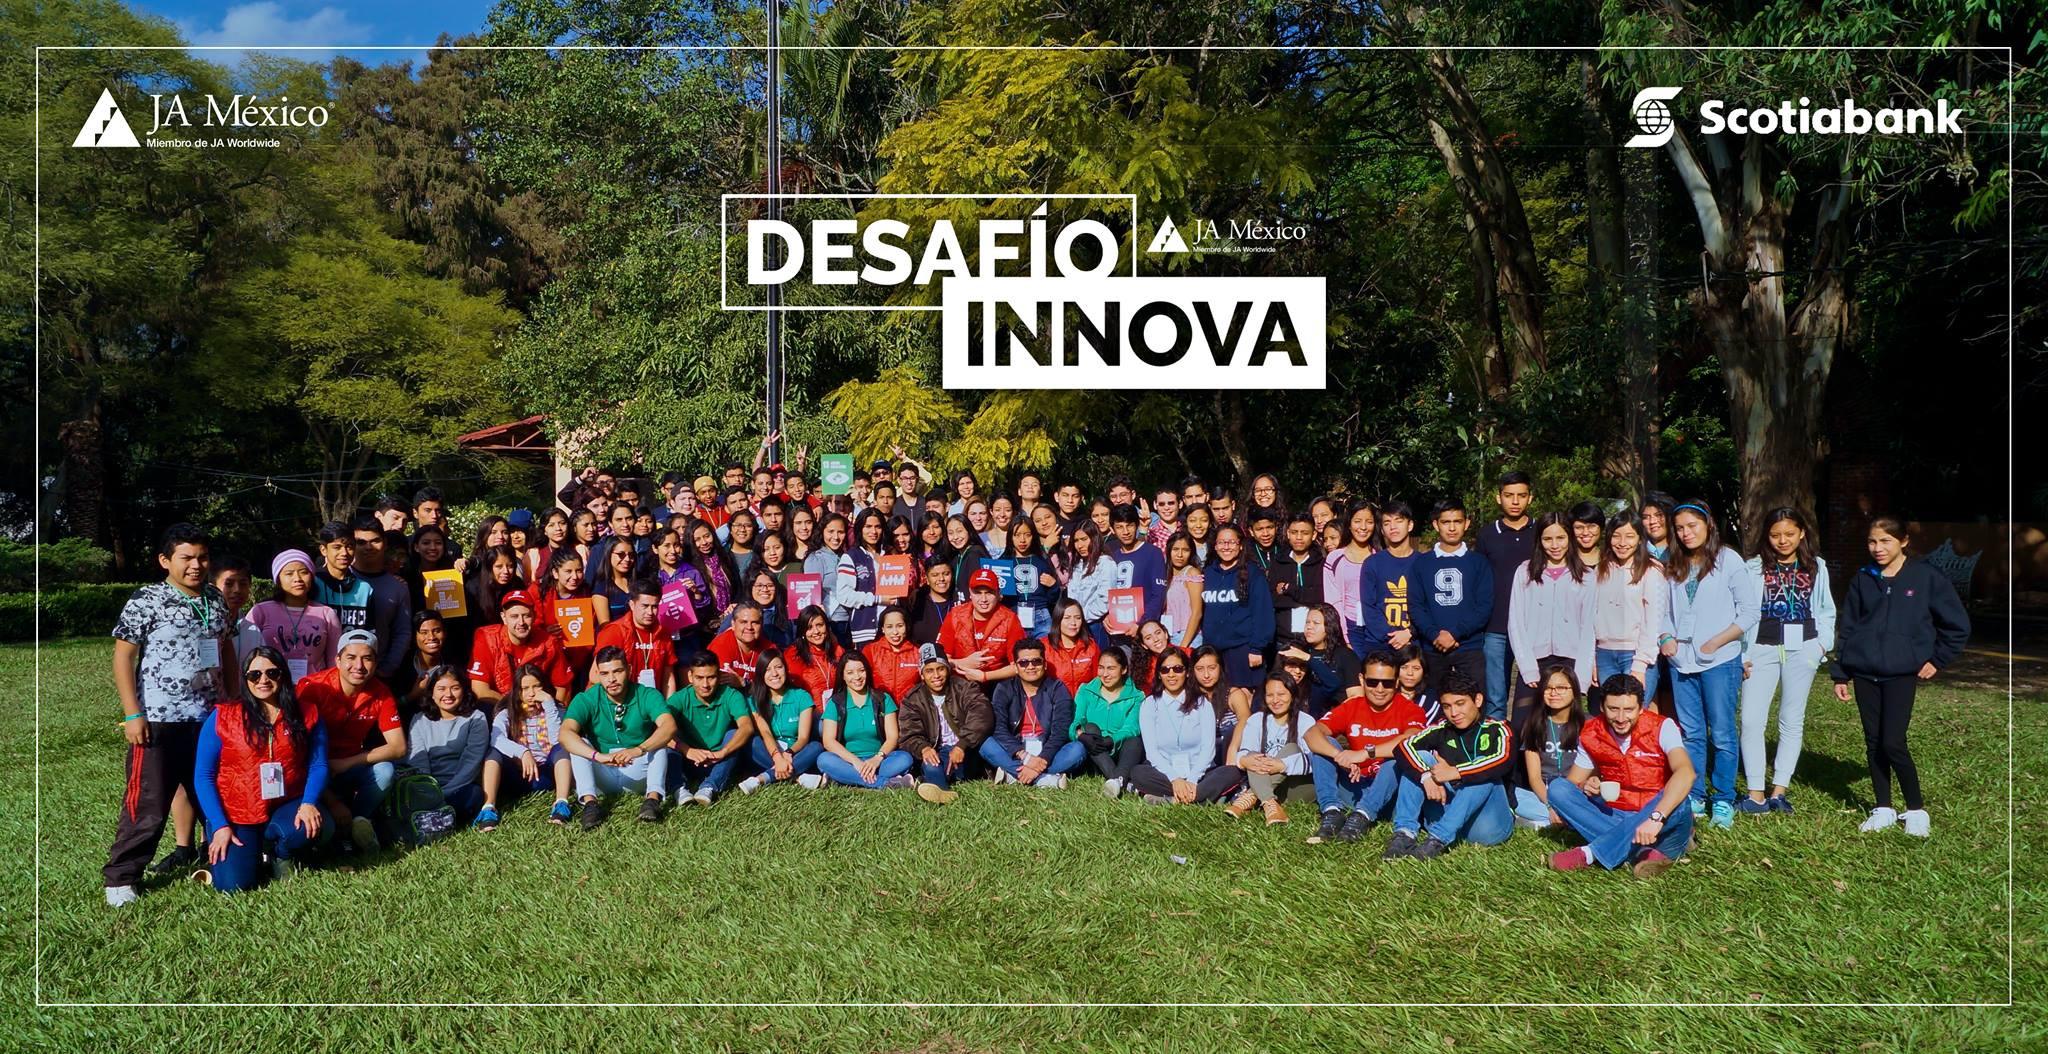 Foto Grupal Desafío Innova.jpg.jpg